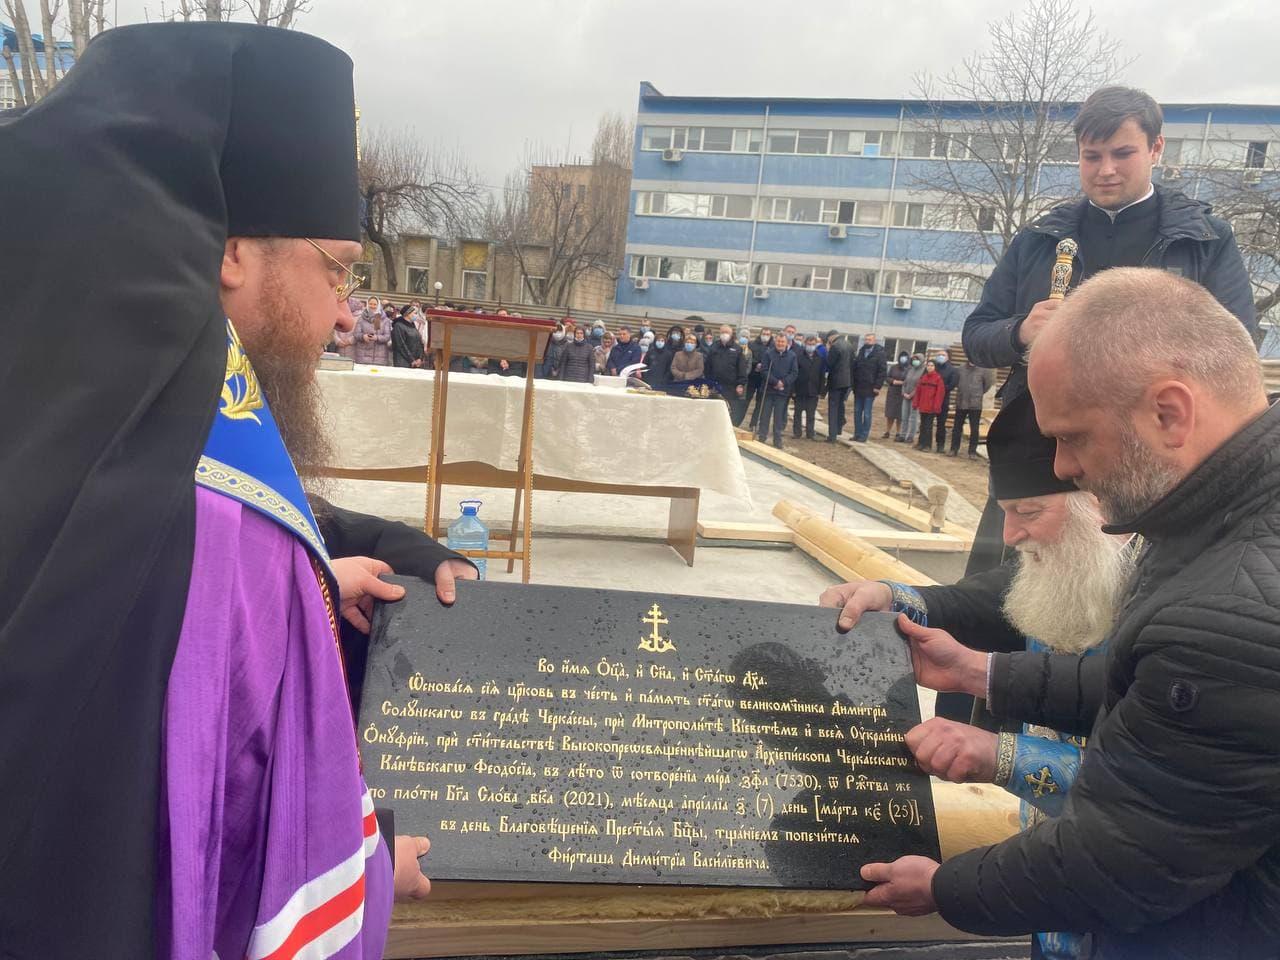 Архиепископ Феодосий совершил закладку капсулы с мощами мученика и Благословенной грамотой в основание нового храма в г.Черкассы